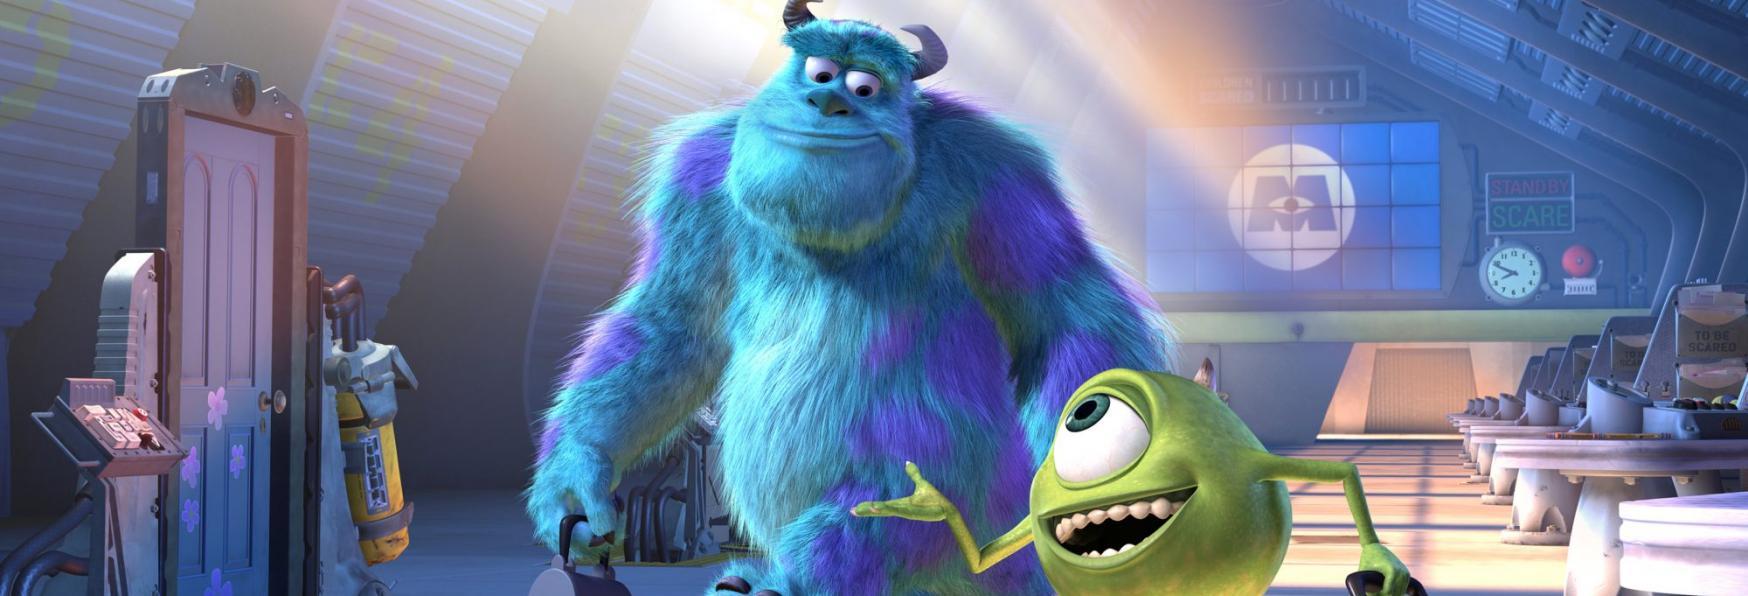 Monsters at Work: ecco come Mike e Sully completano la Trama della Serie Animata